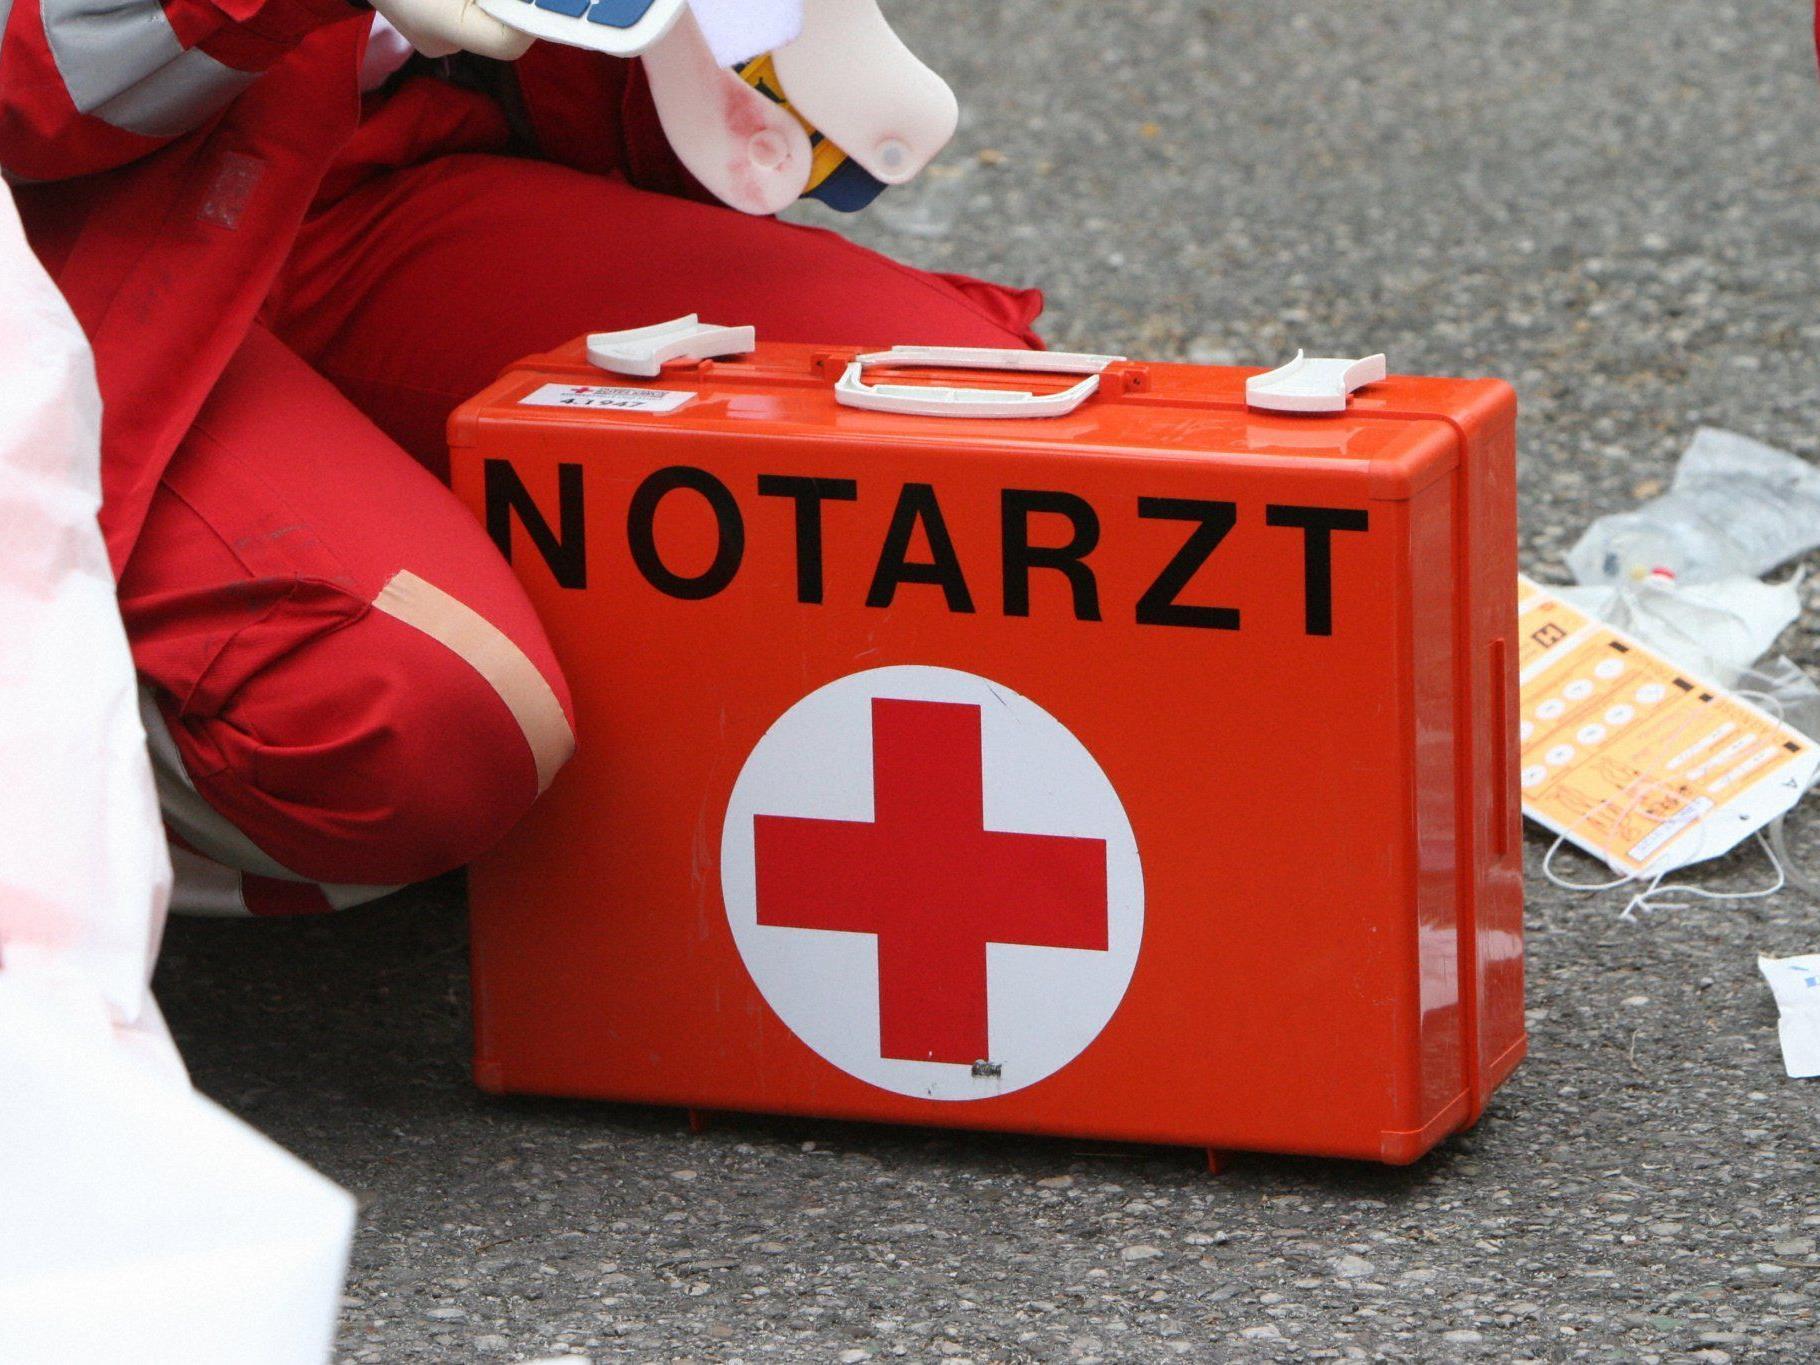 Der Verletzte wurde mit Knochenbrüchen an den Beinen ins Krankenhaus eingeliefert.